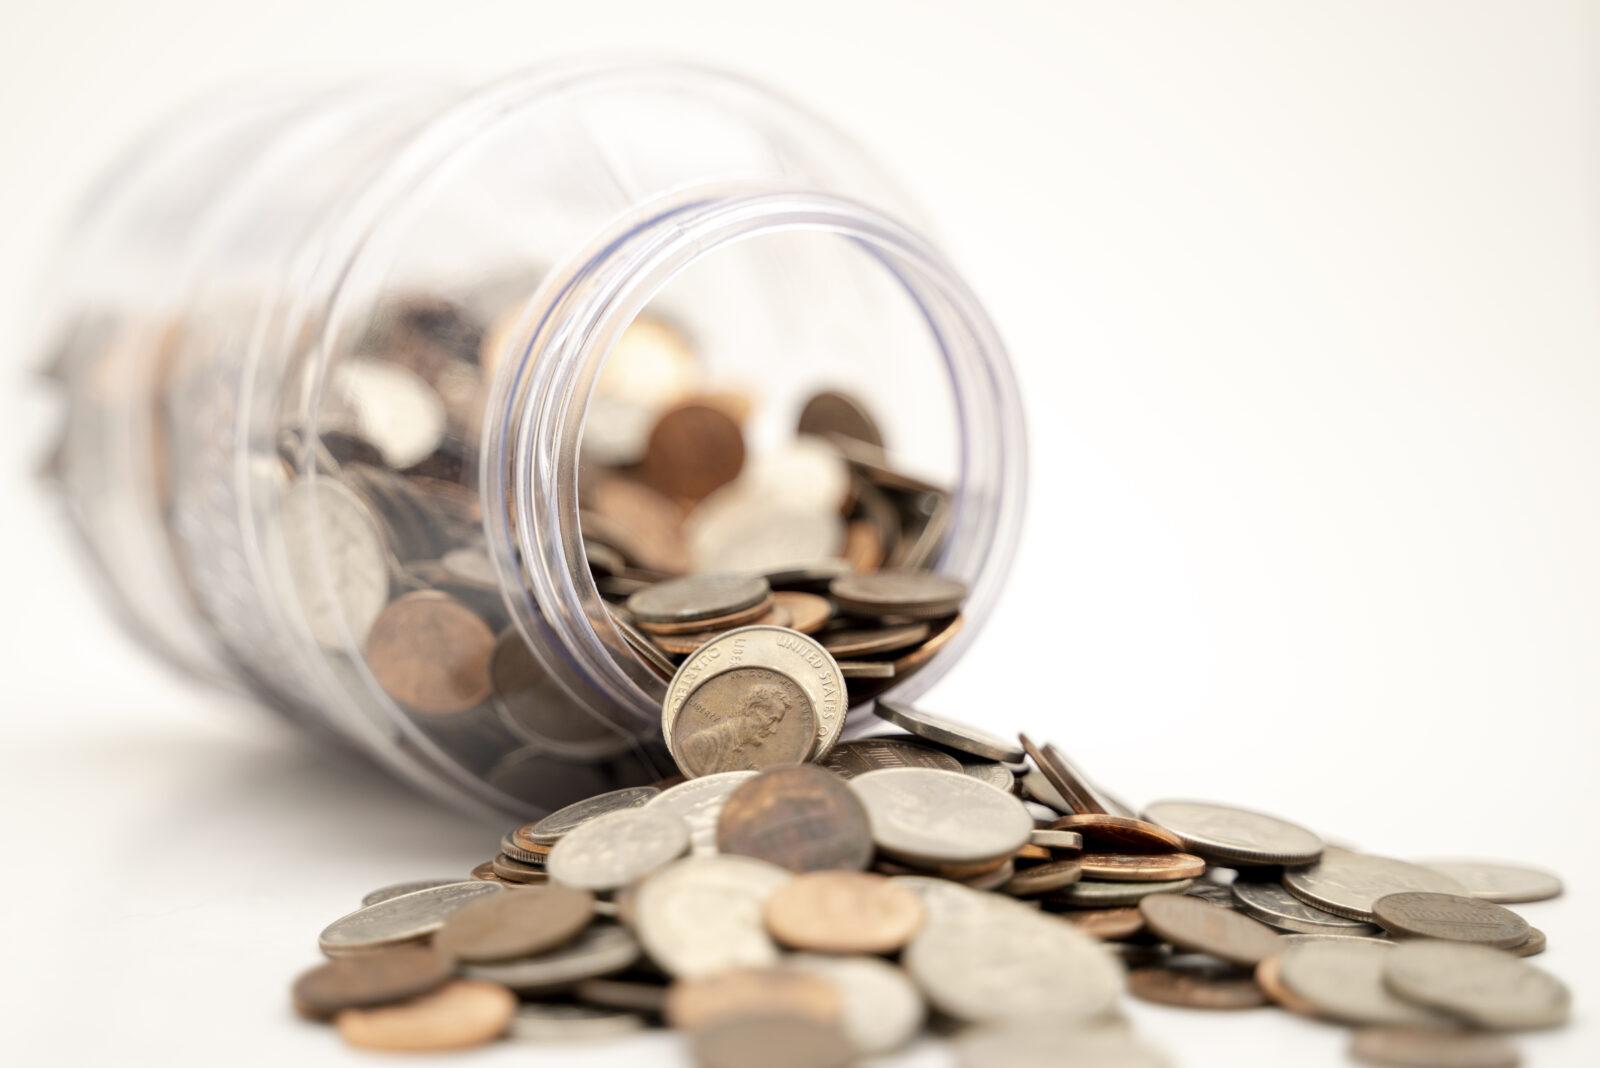 Datatilsynet indstiller administrationsselskab til en bøde på 150.000 kr. for videregivelse af personoplysninger